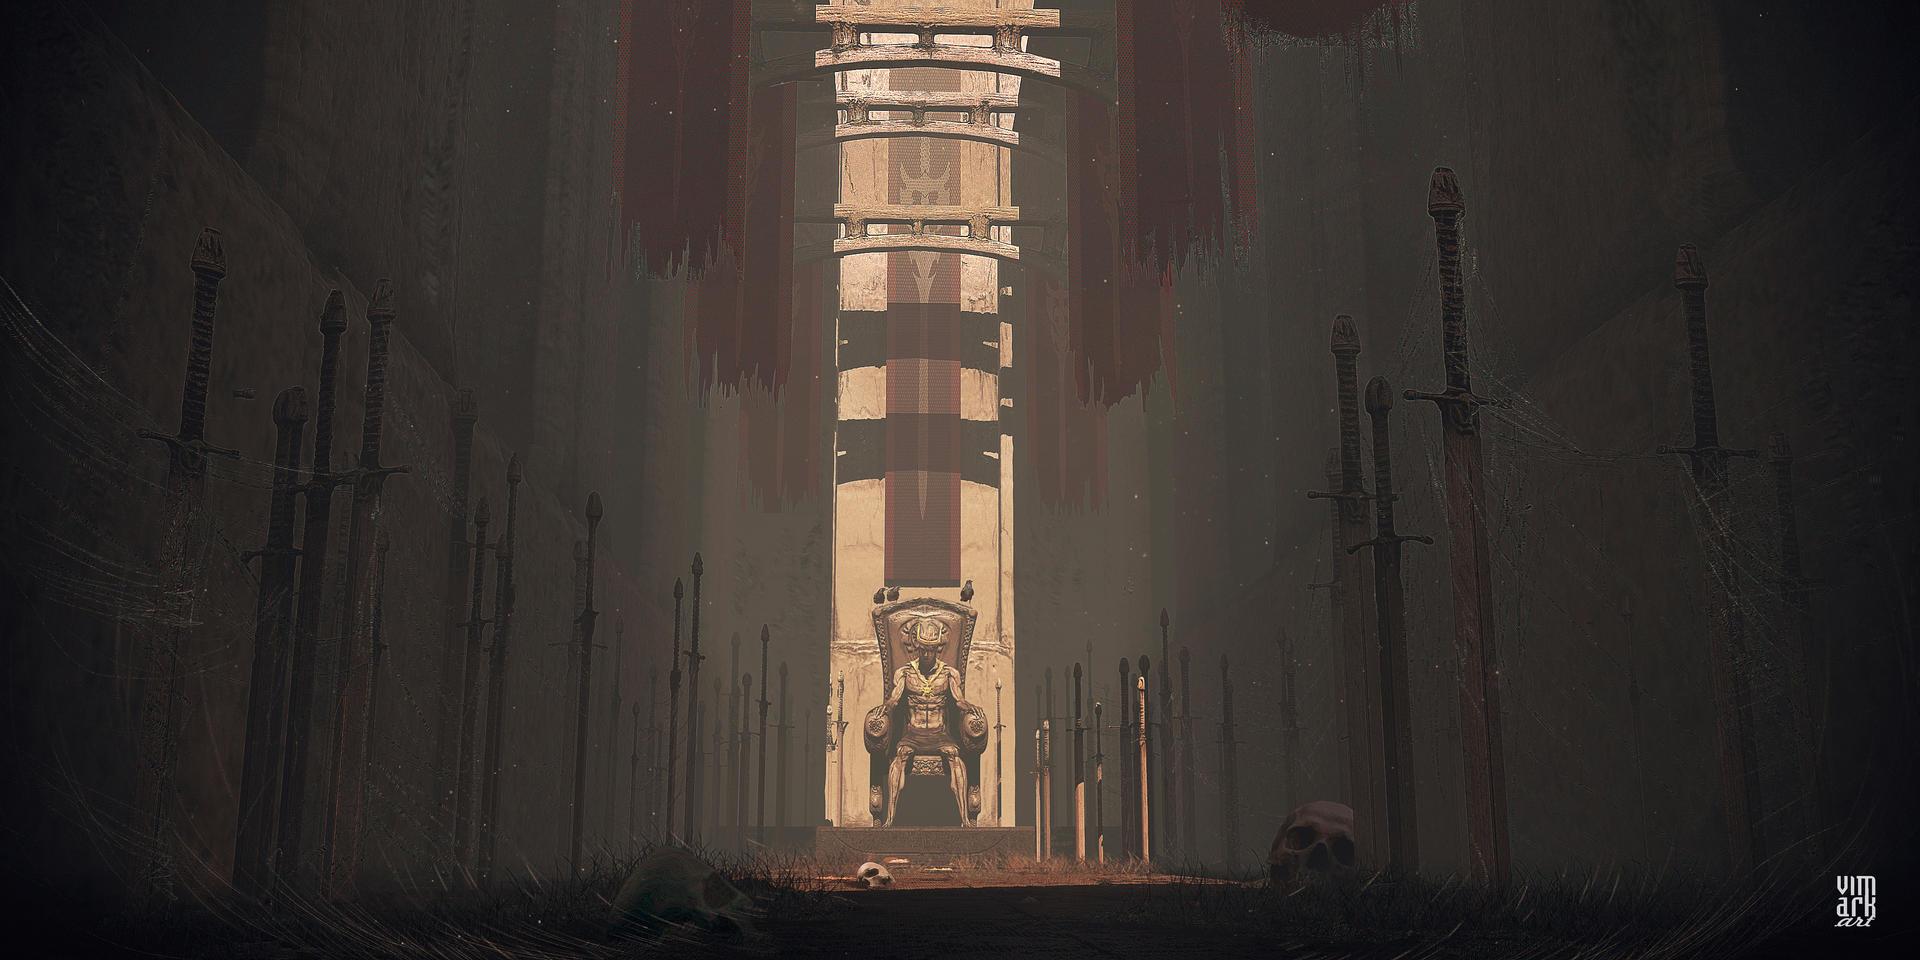 The forsaken kingdom by vimark